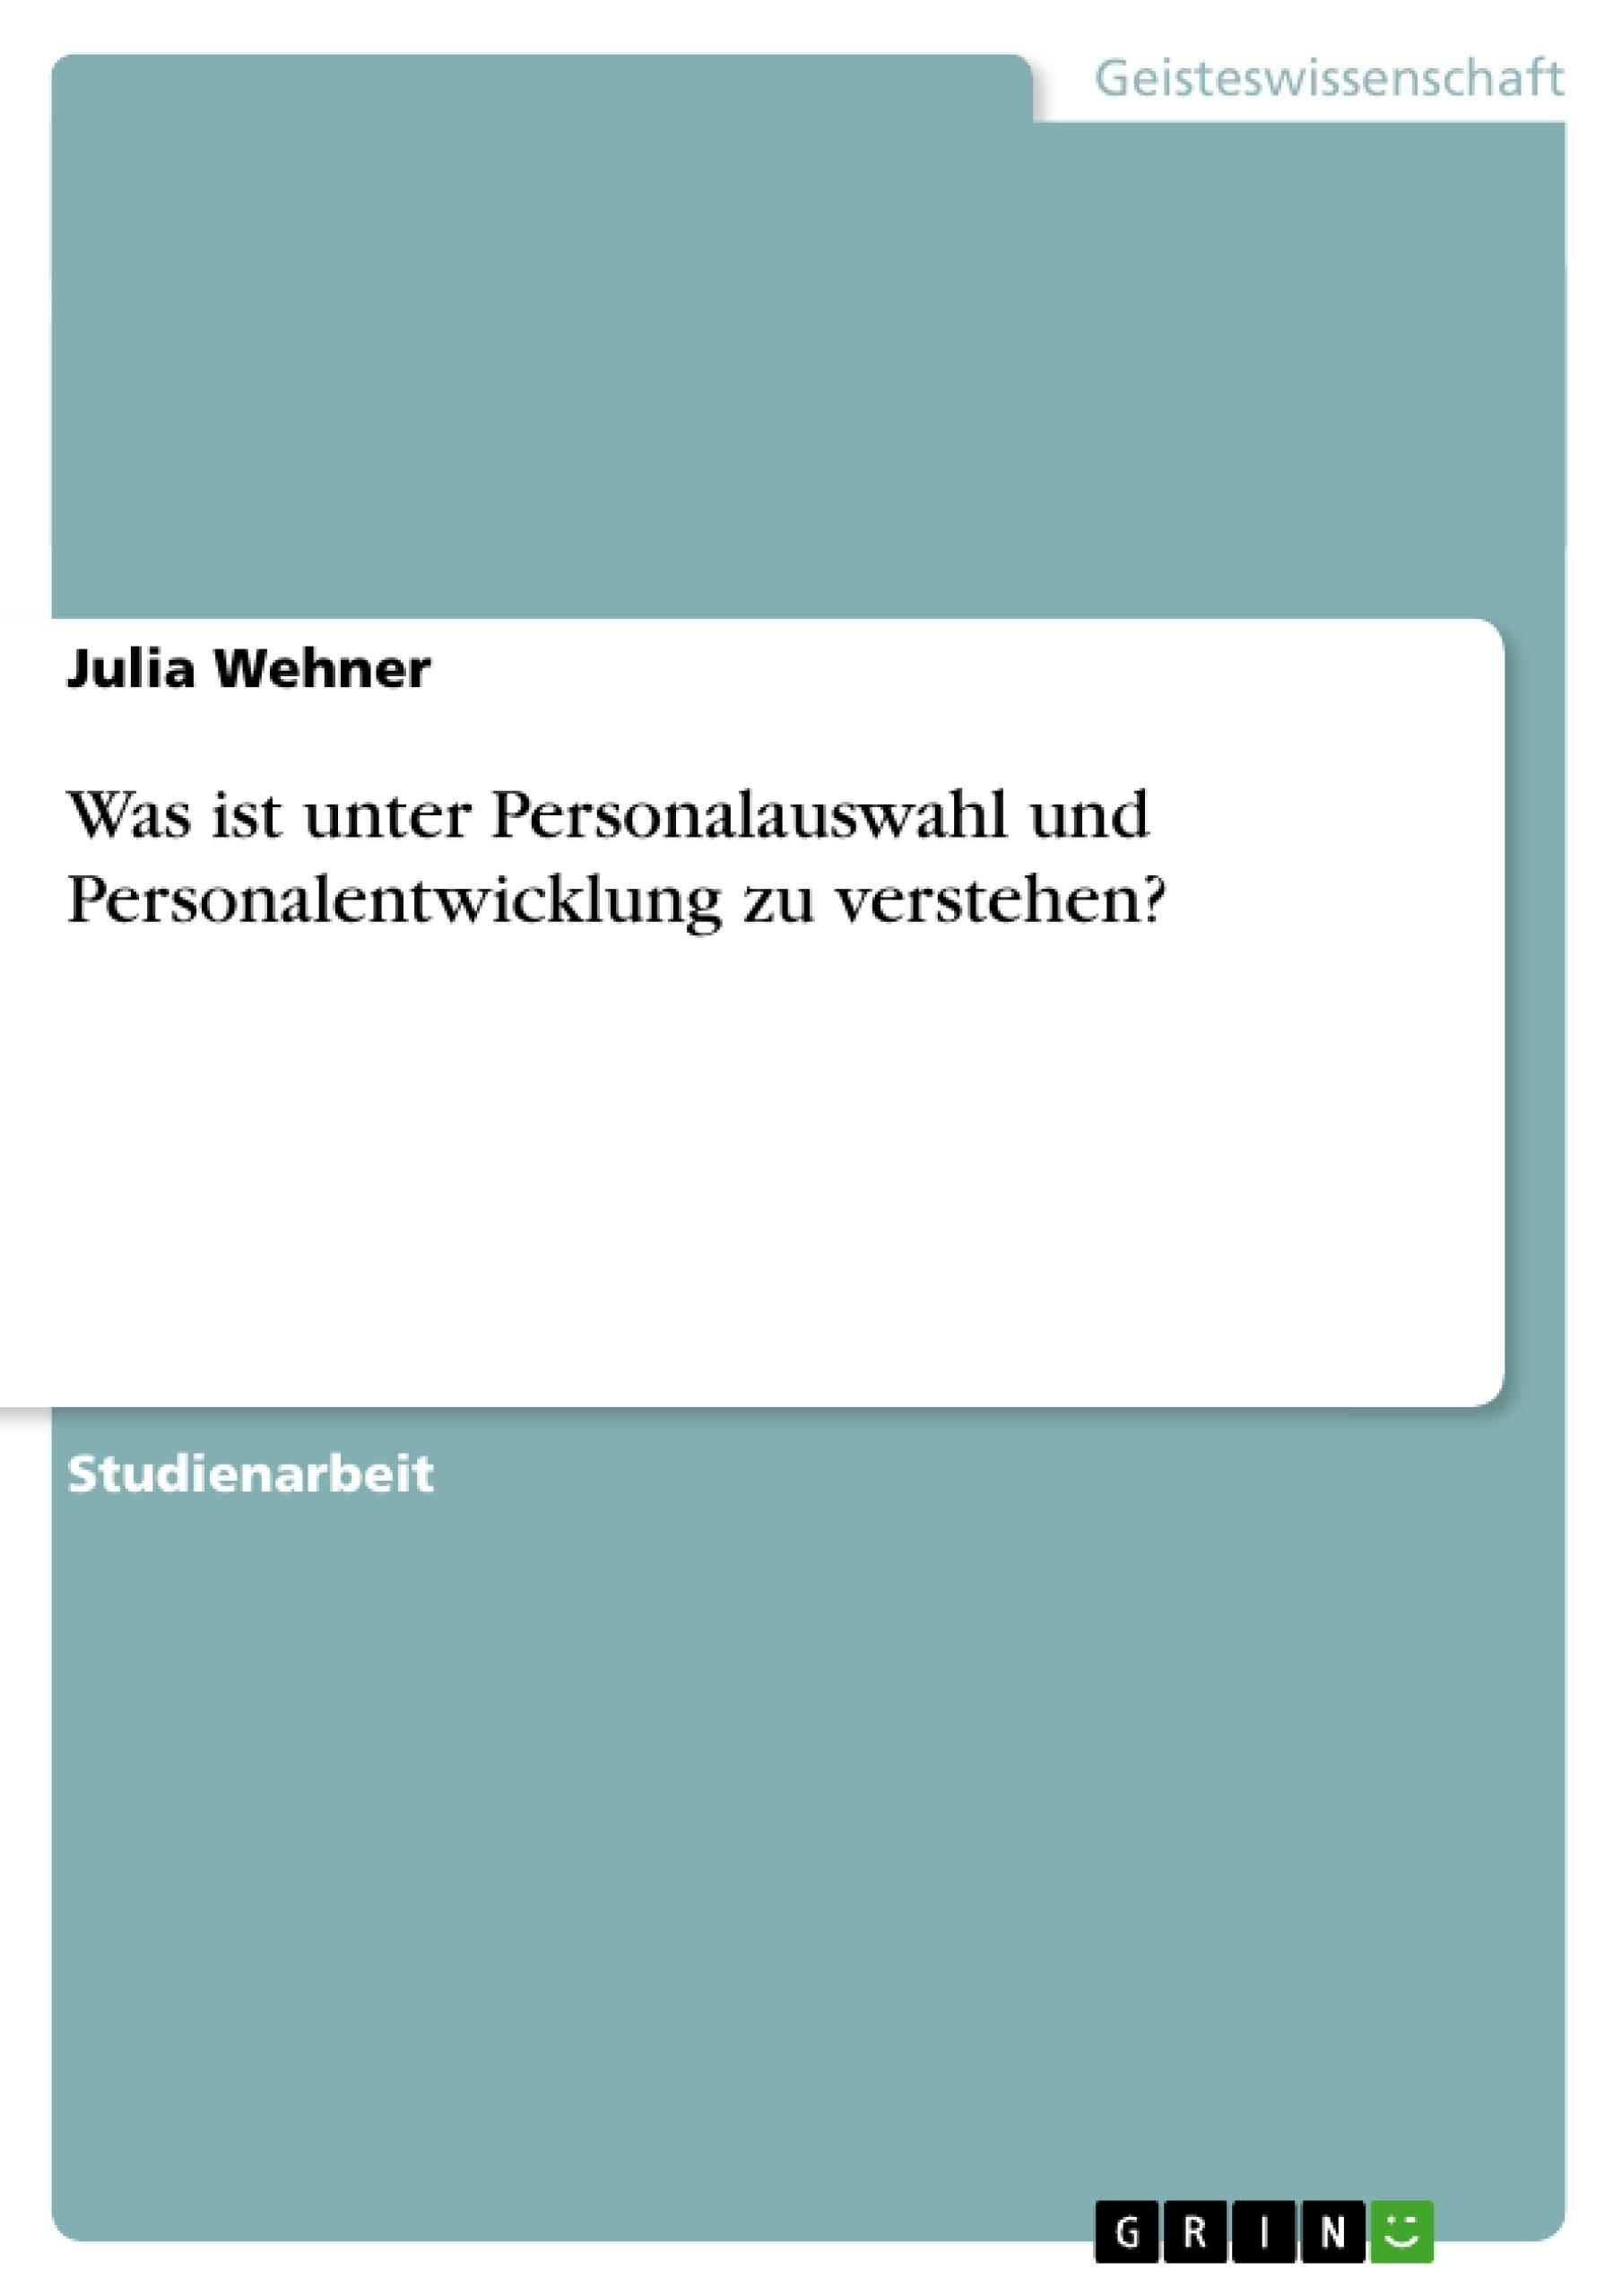 Titel: Was ist unter Personalauswahl und Personalentwicklung zu verstehen?